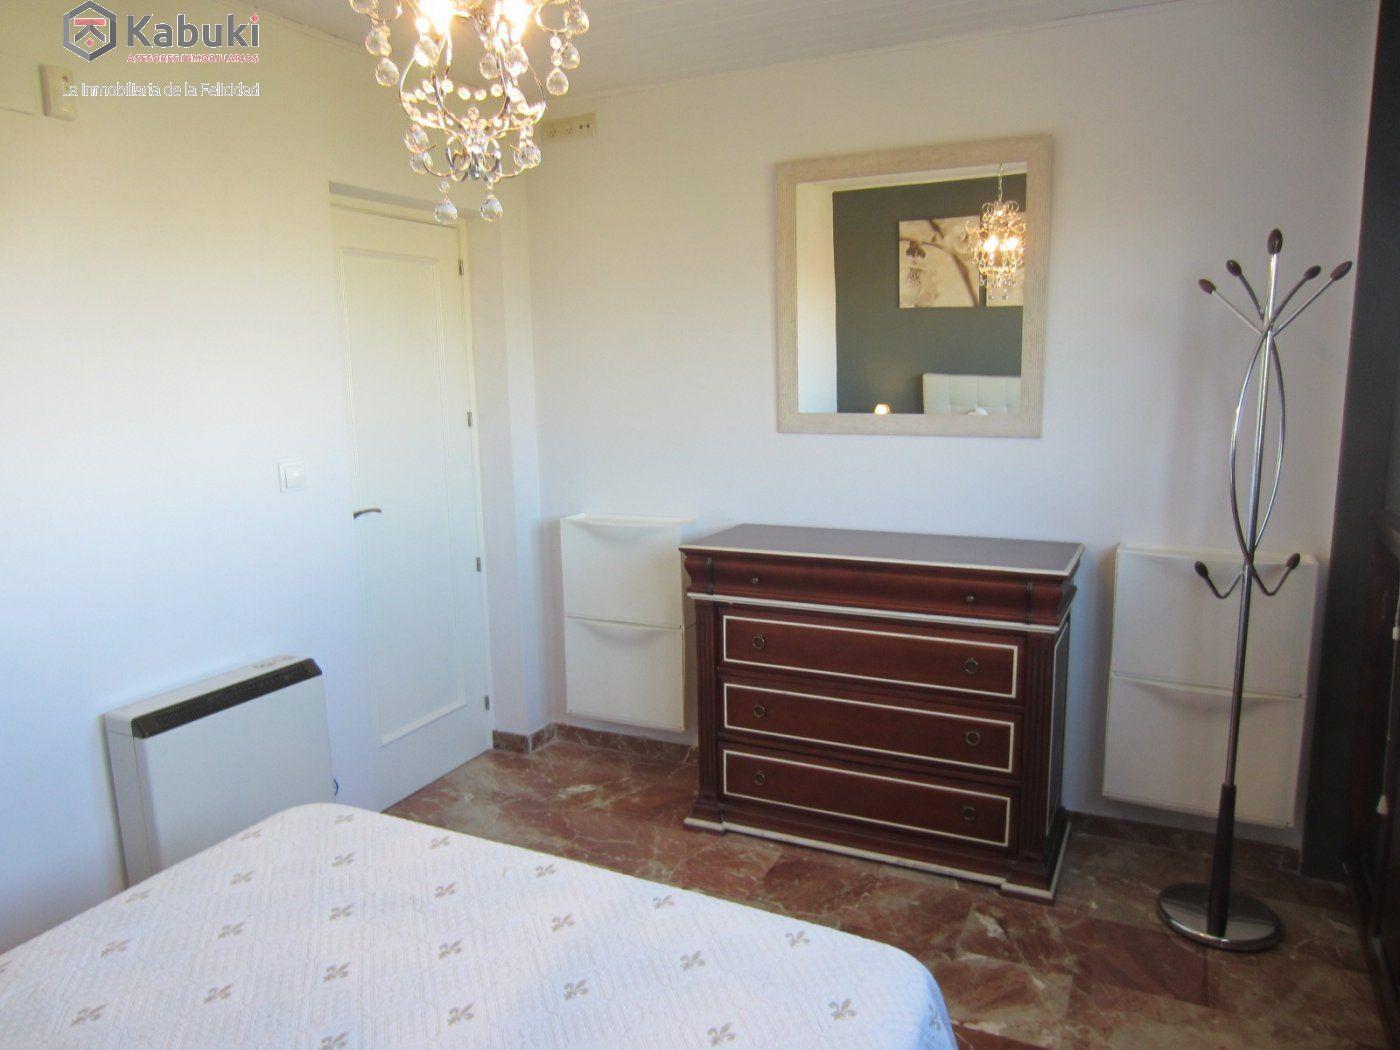 Ático con vistas despejadas en zona residencial, 3 dormitorios, inmejorables calidades - imagenInmueble23